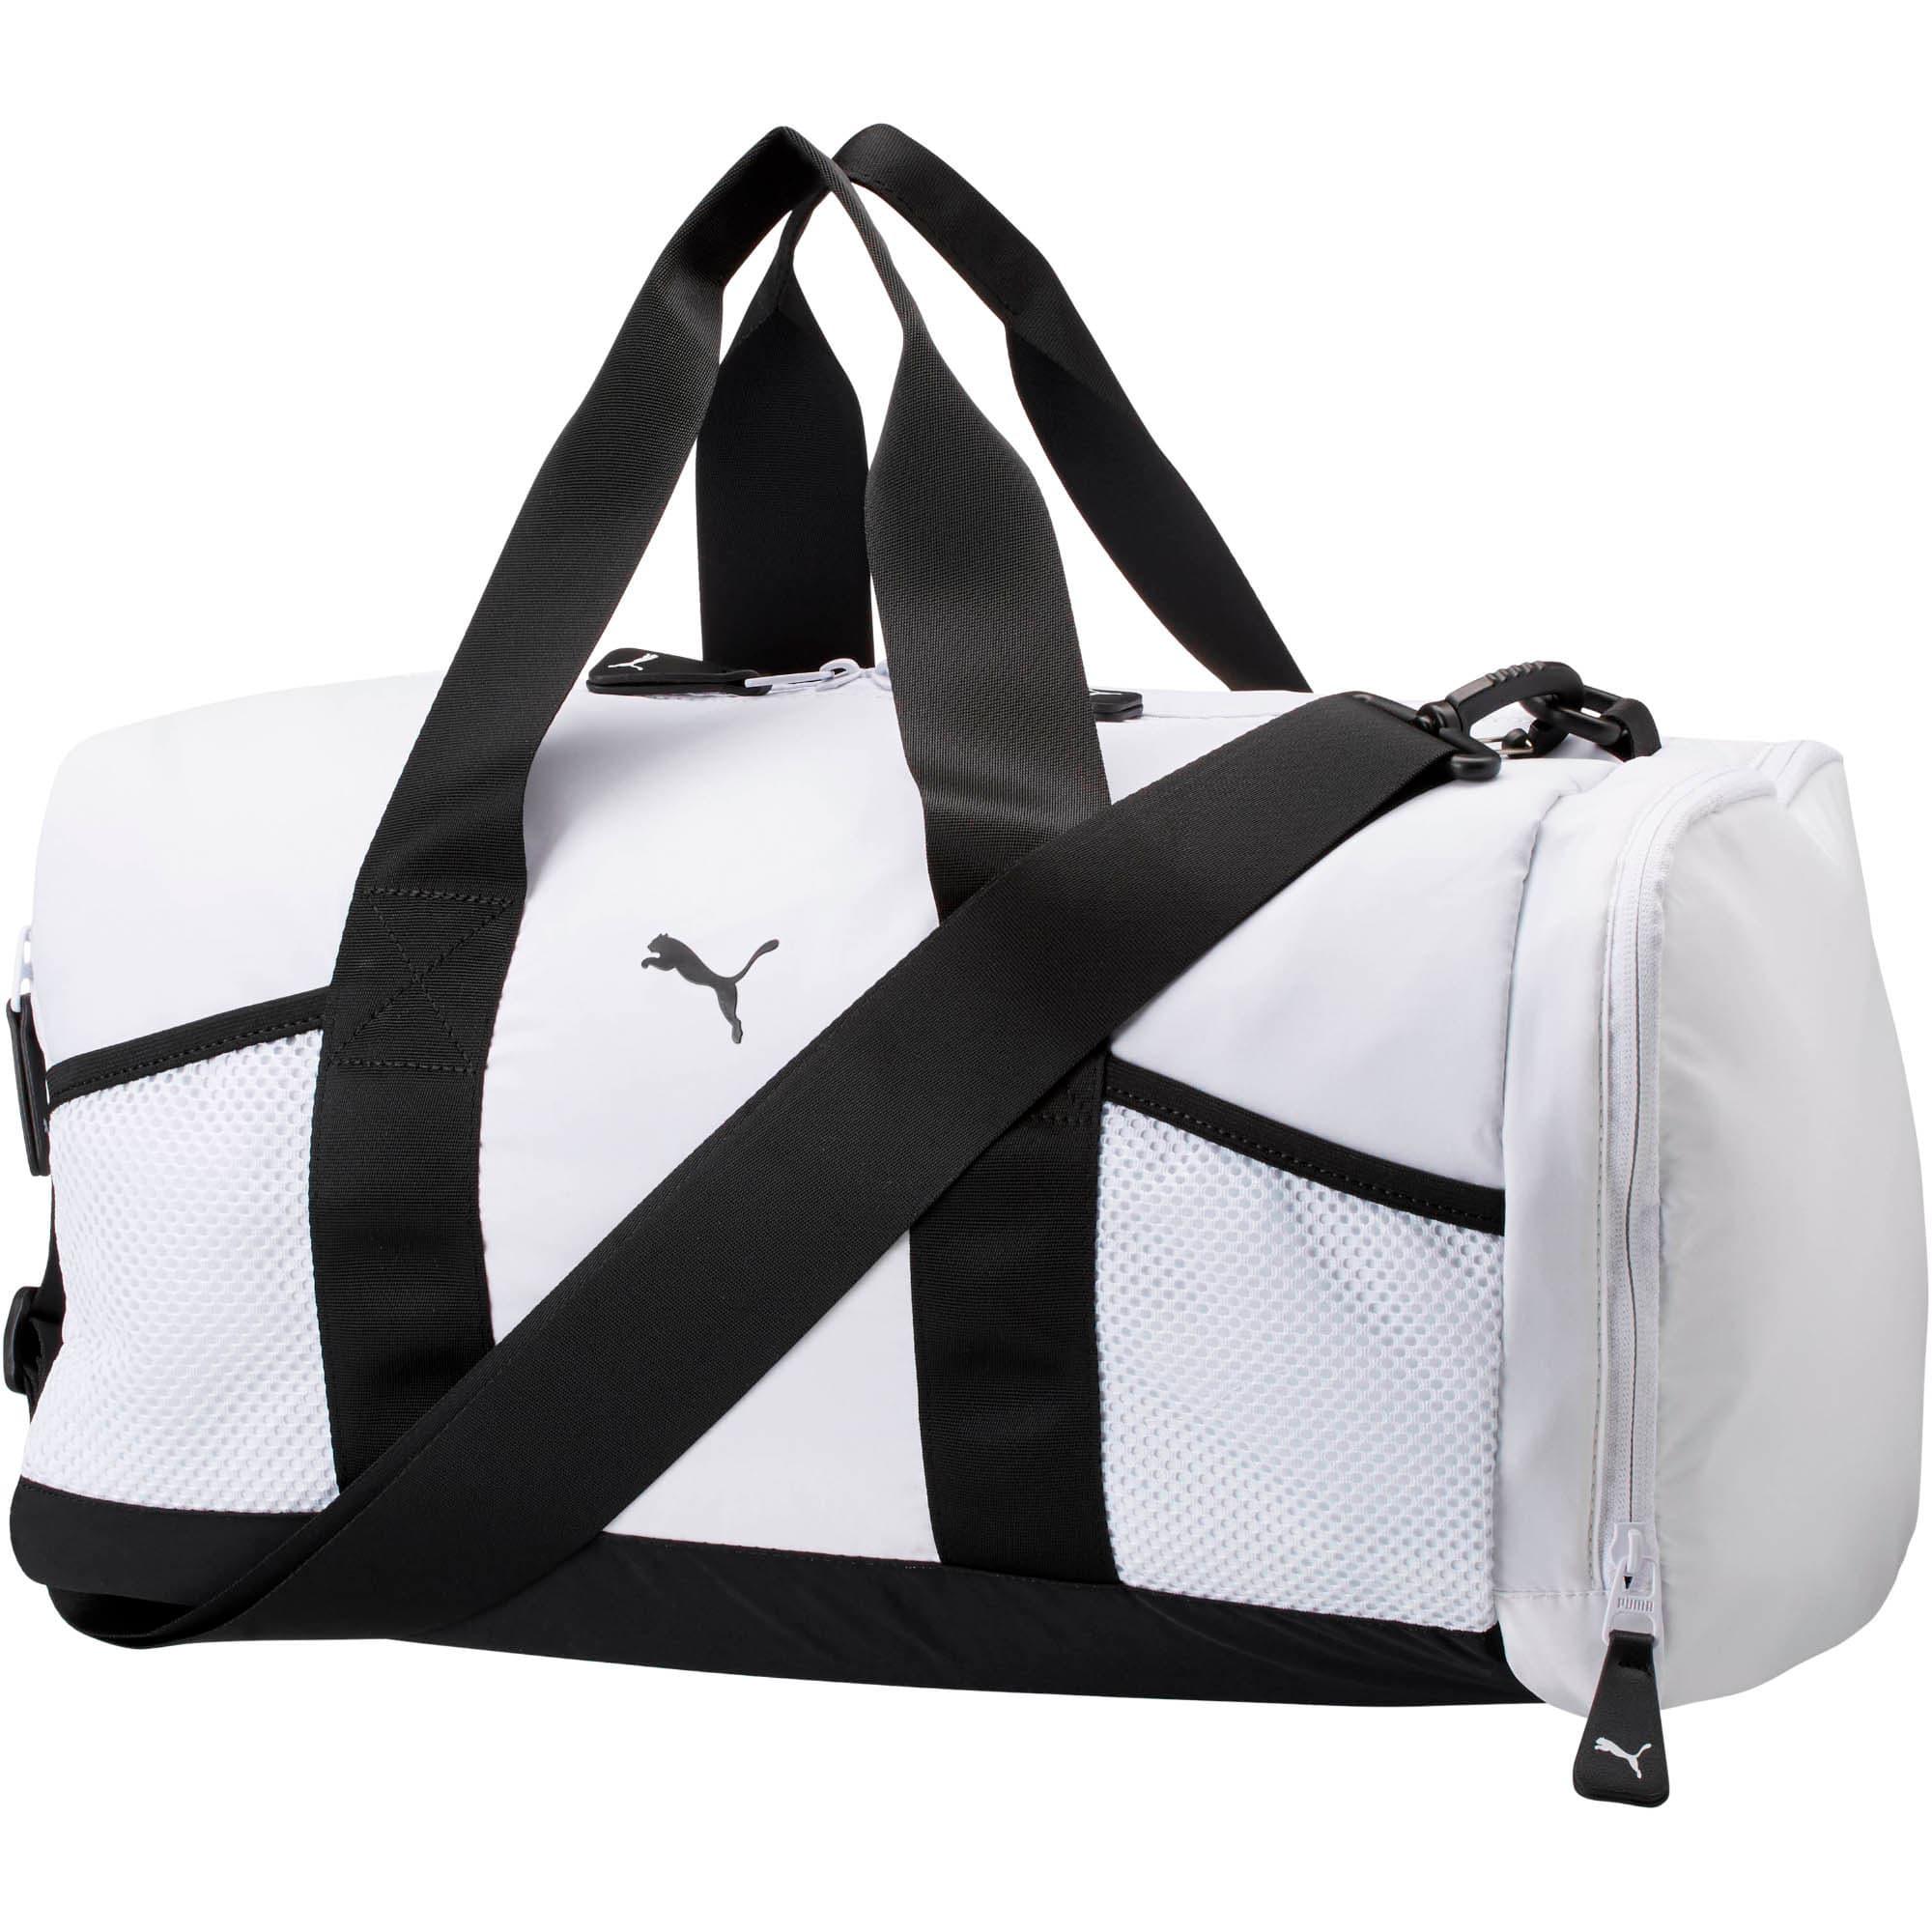 Thumbnail 1 of PUMA Upward Duffel Bag, White/Black, medium